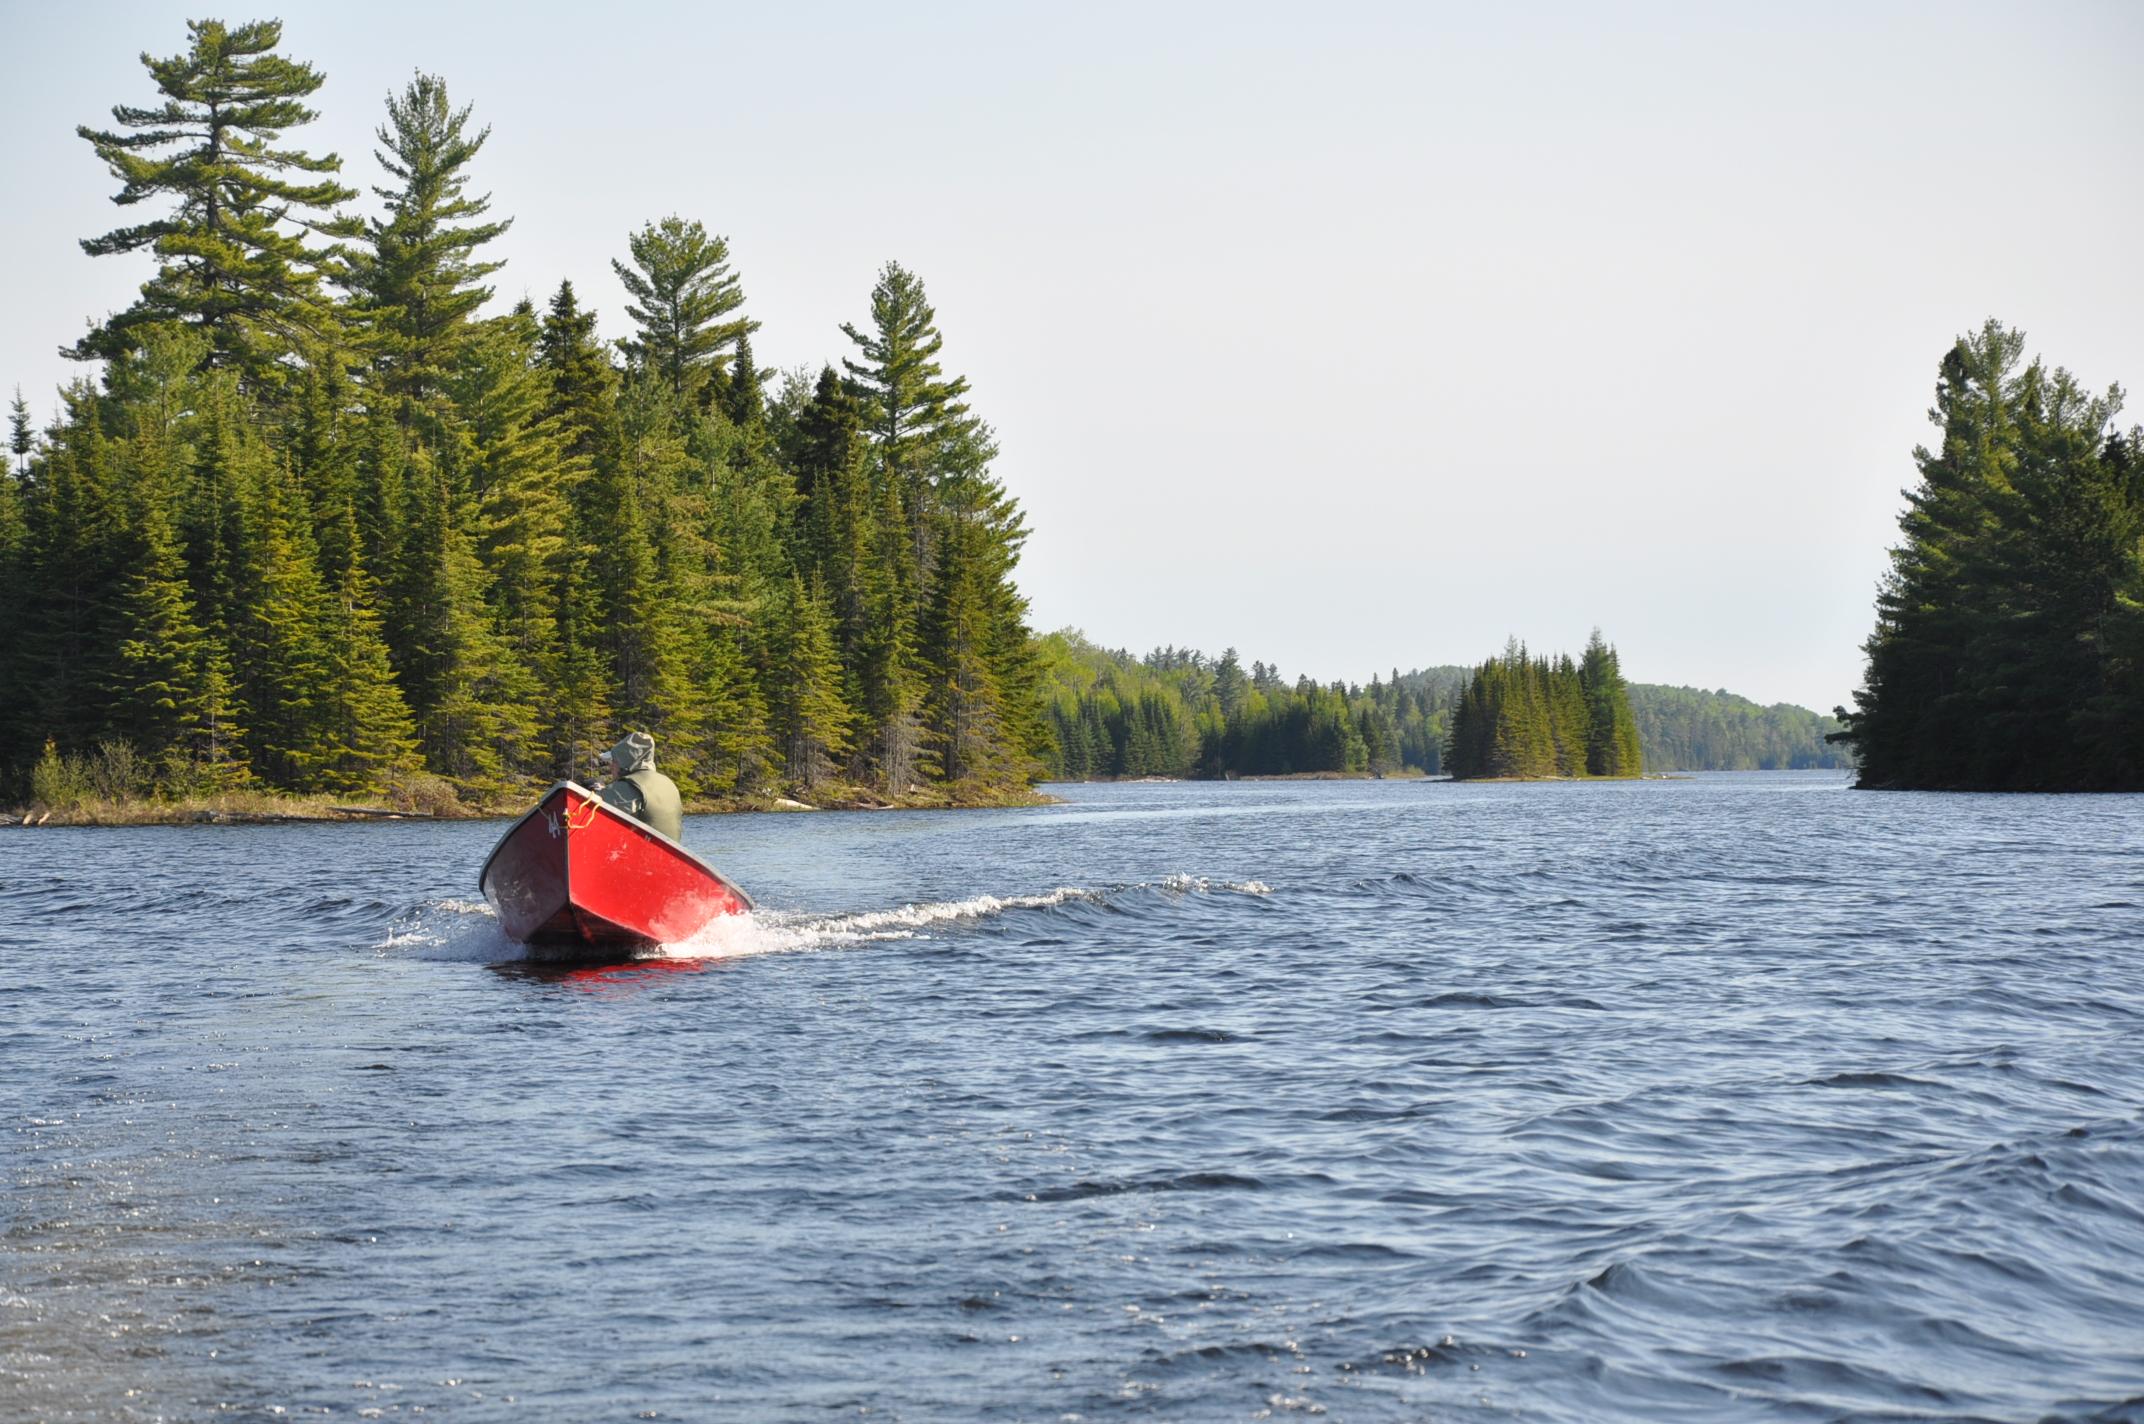 La pêche permise dans les territoires fauniques structurés, mais au quotidien